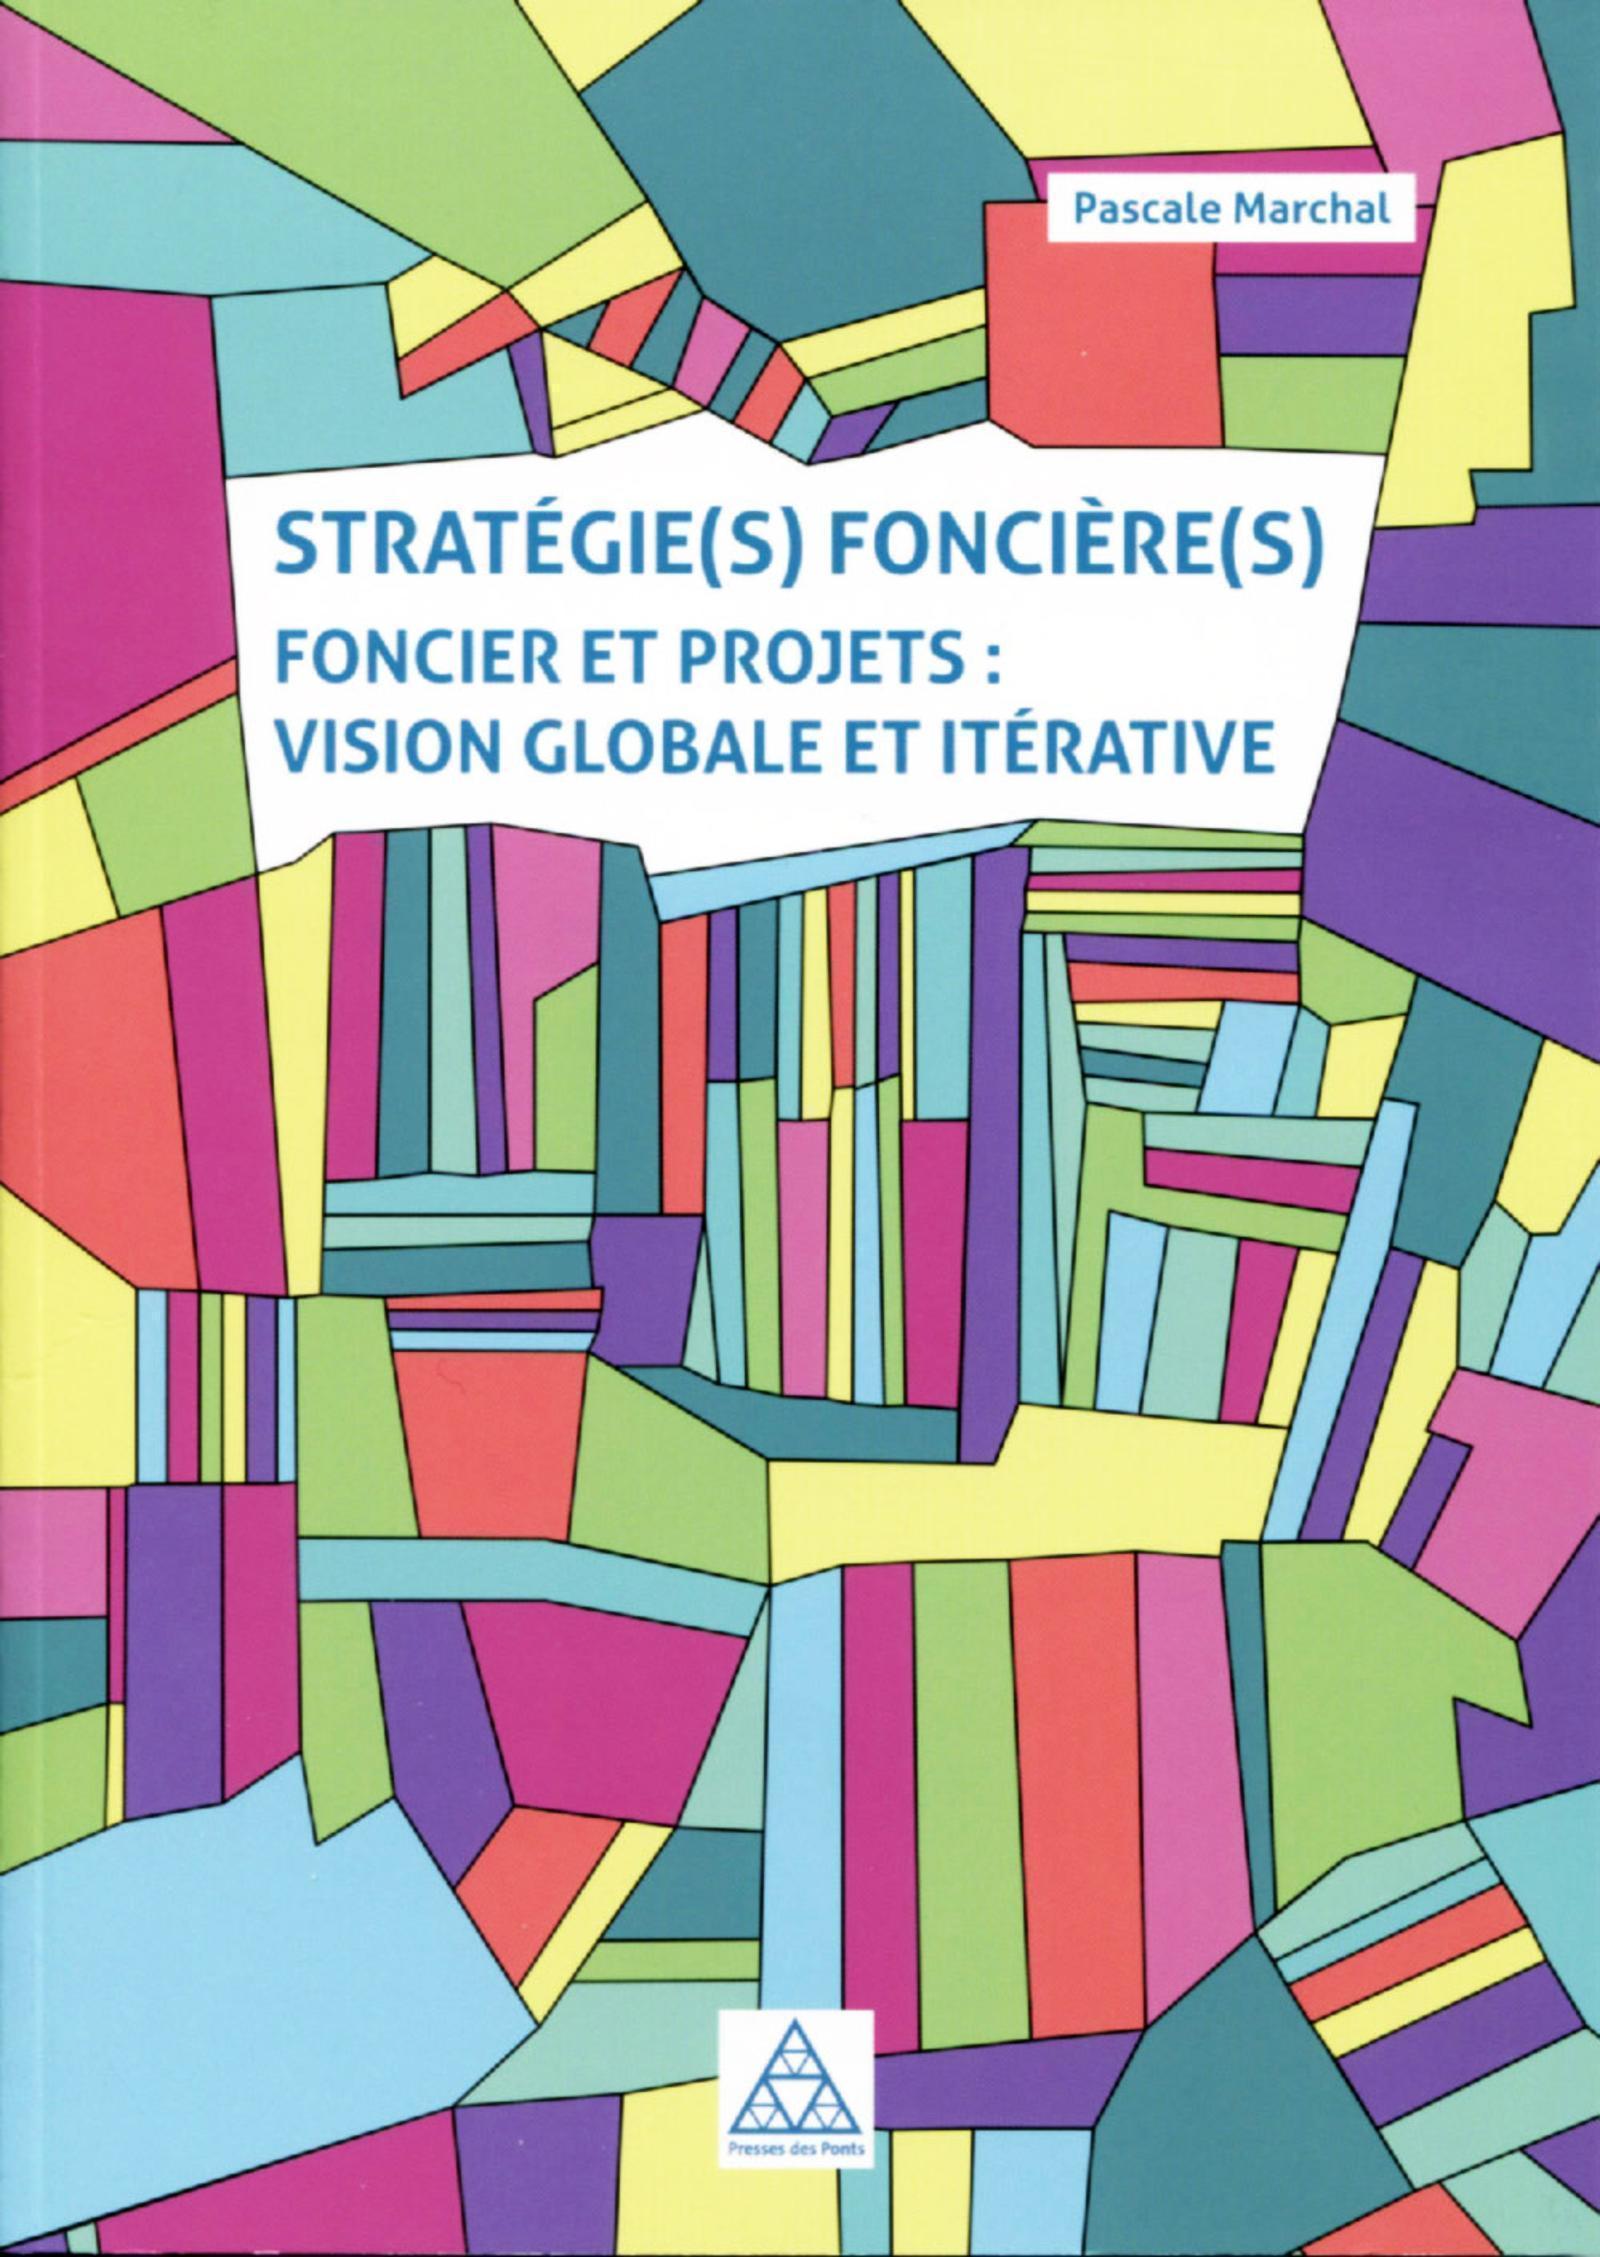 STRATEGIE(S) FONCIERE(S) - FONCIER ET PROJETS : VISION GLOBALE ET ITERATIVE